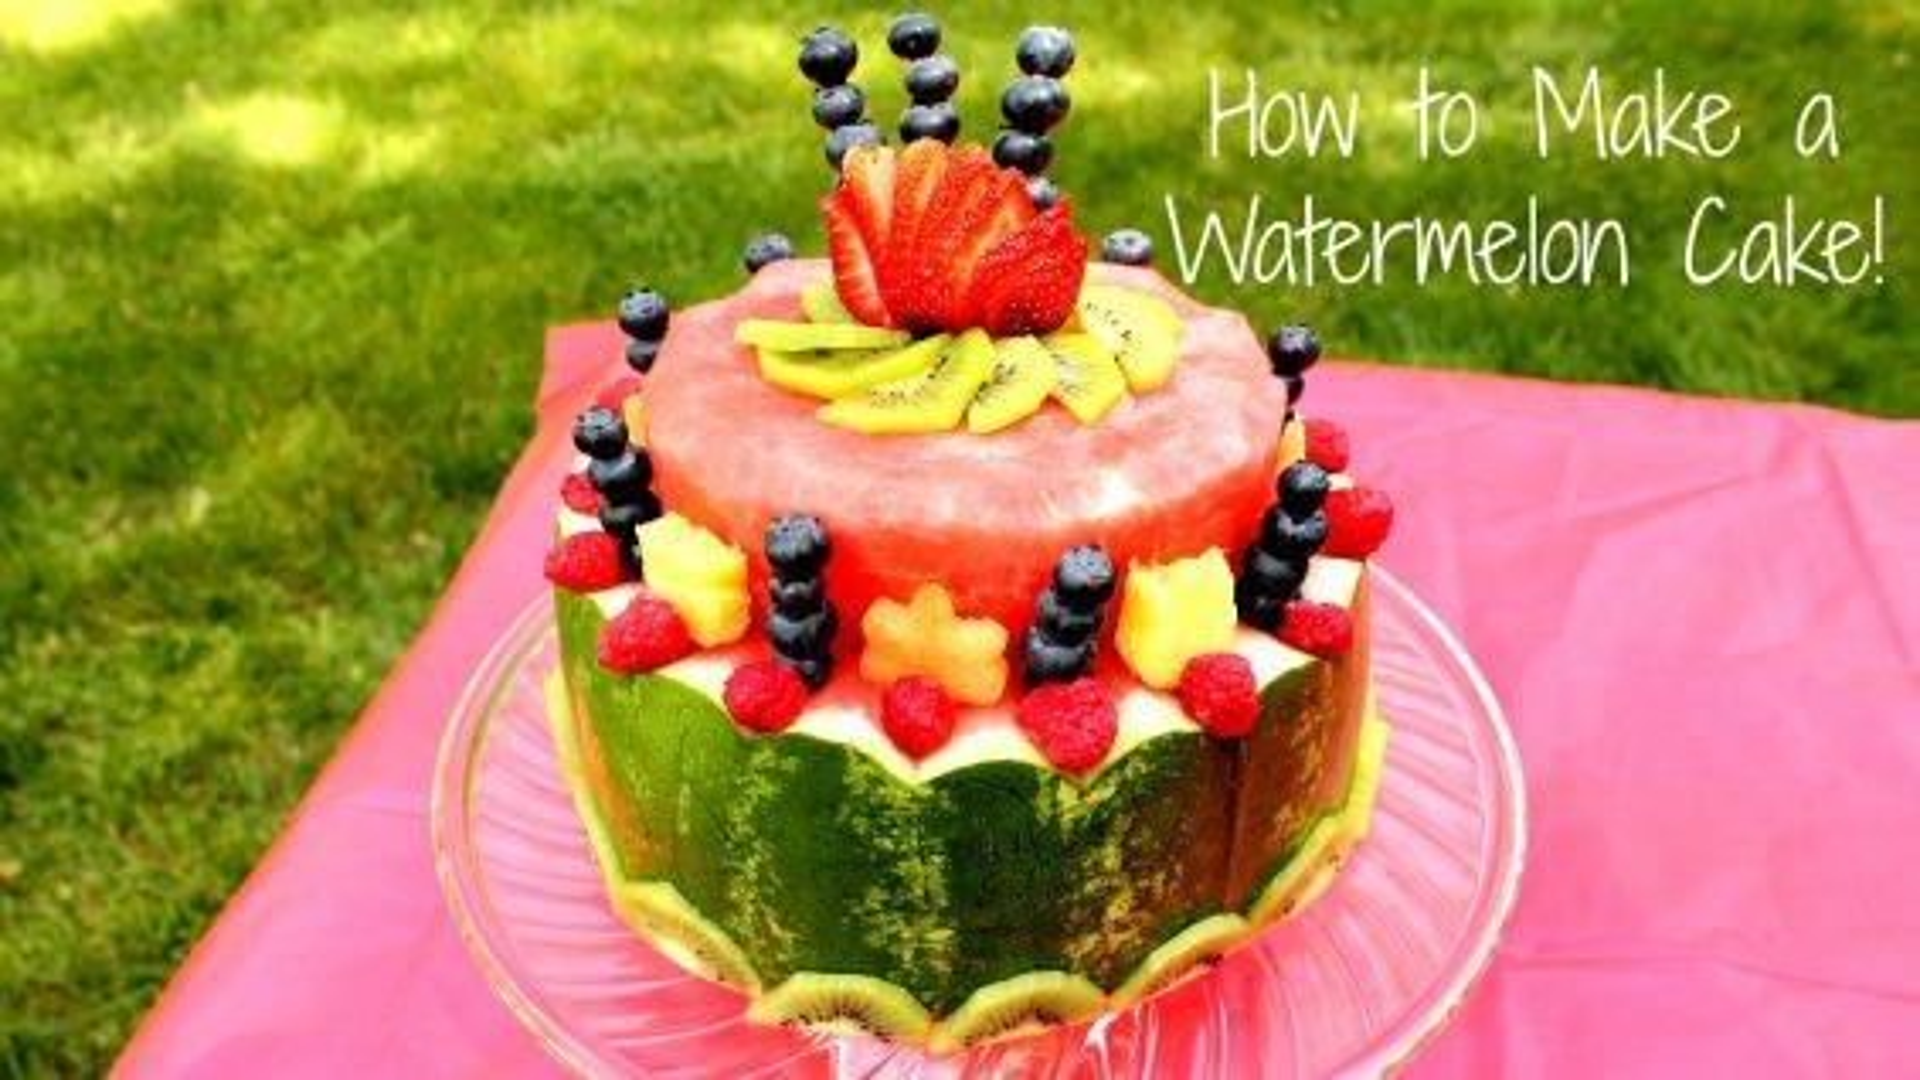 آموزش میوه آرایی ؛ درست کردن کیک هندوانه ویژه شب یلدا | فیلم